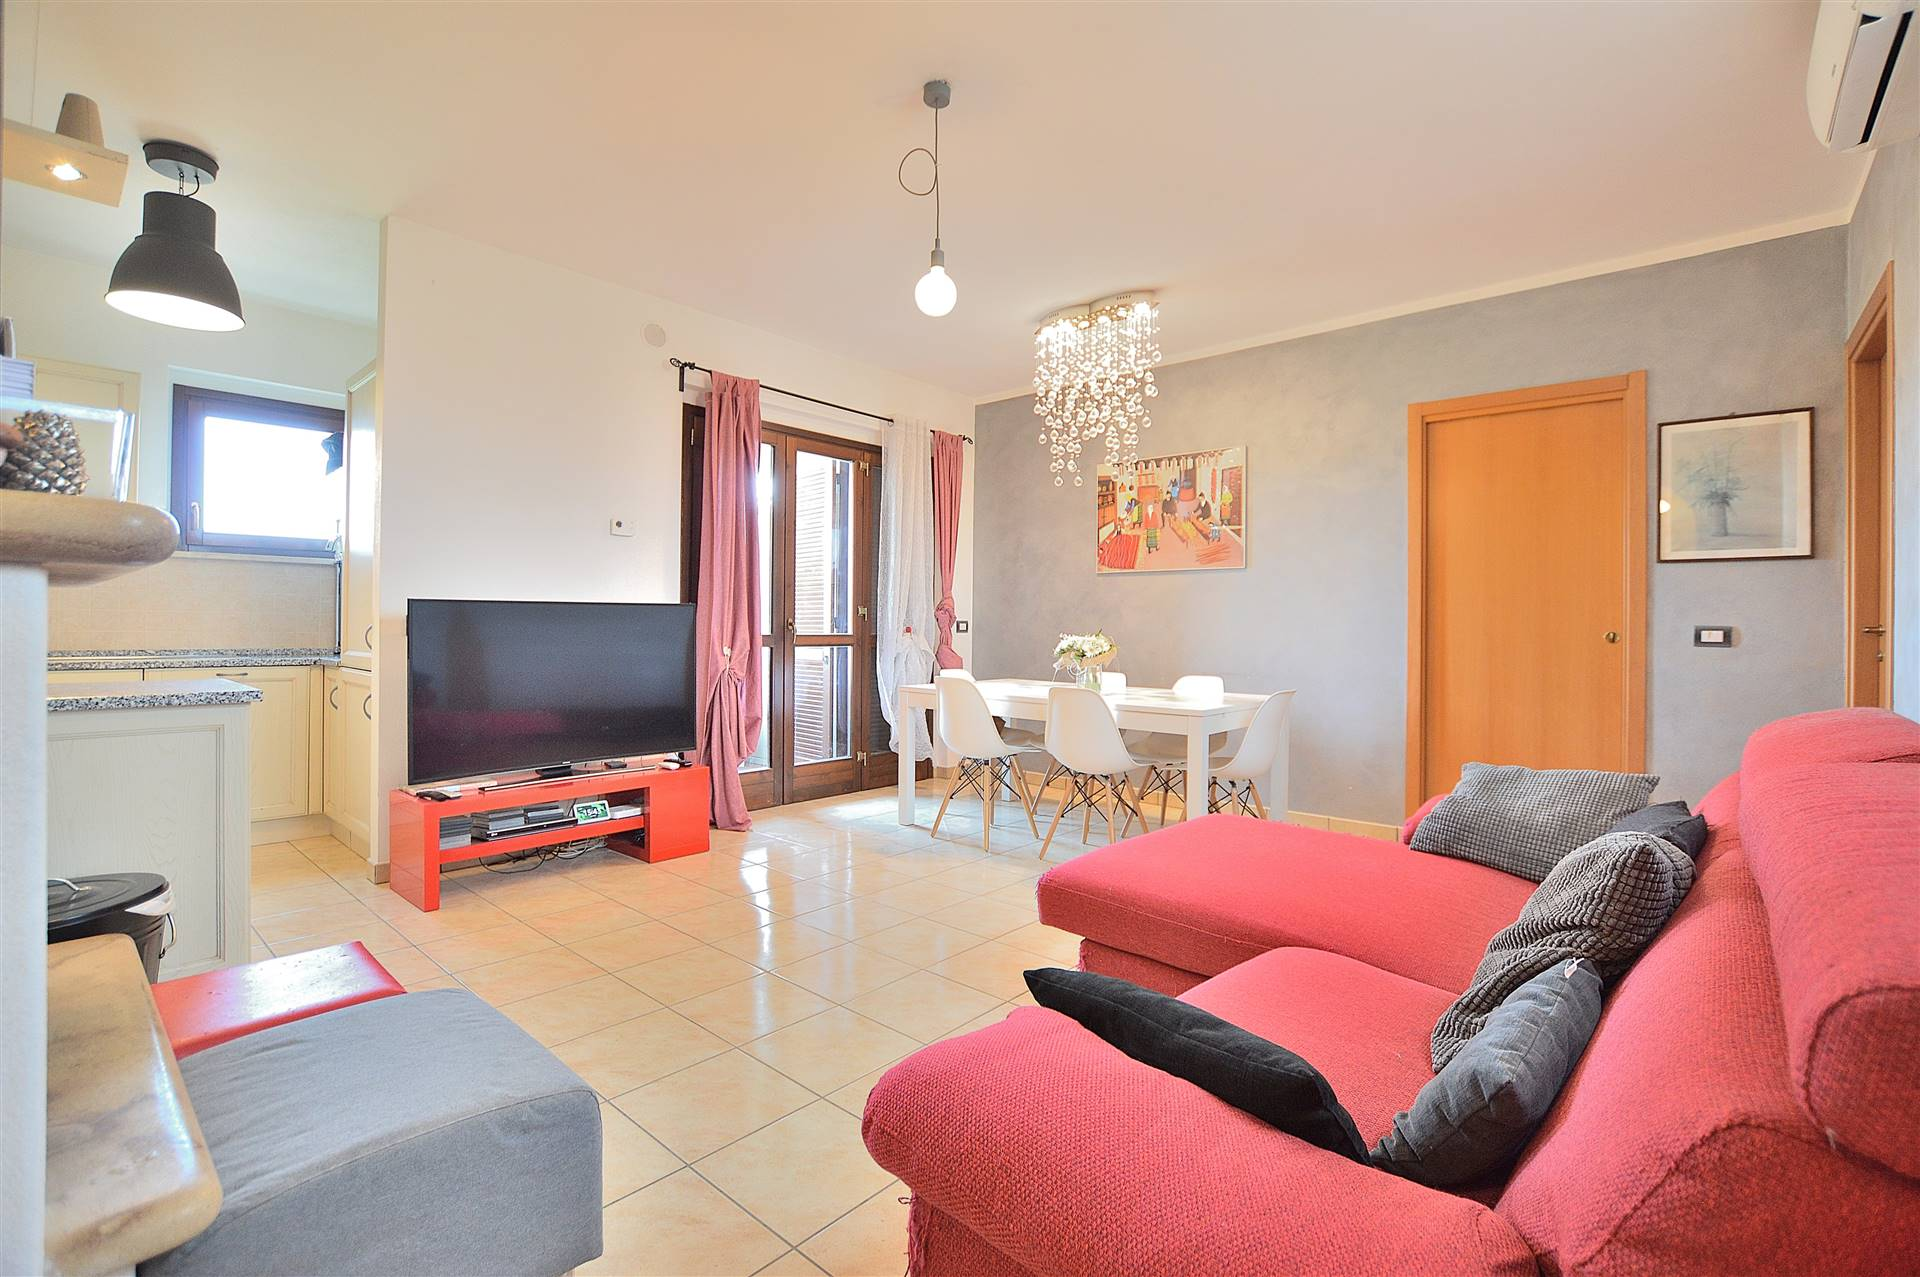 Borgo di Cuna, in piacevole contesto residenziale di recente costruzione, proponiamo appartamento posto al piano primo ed ultimo di una piccola